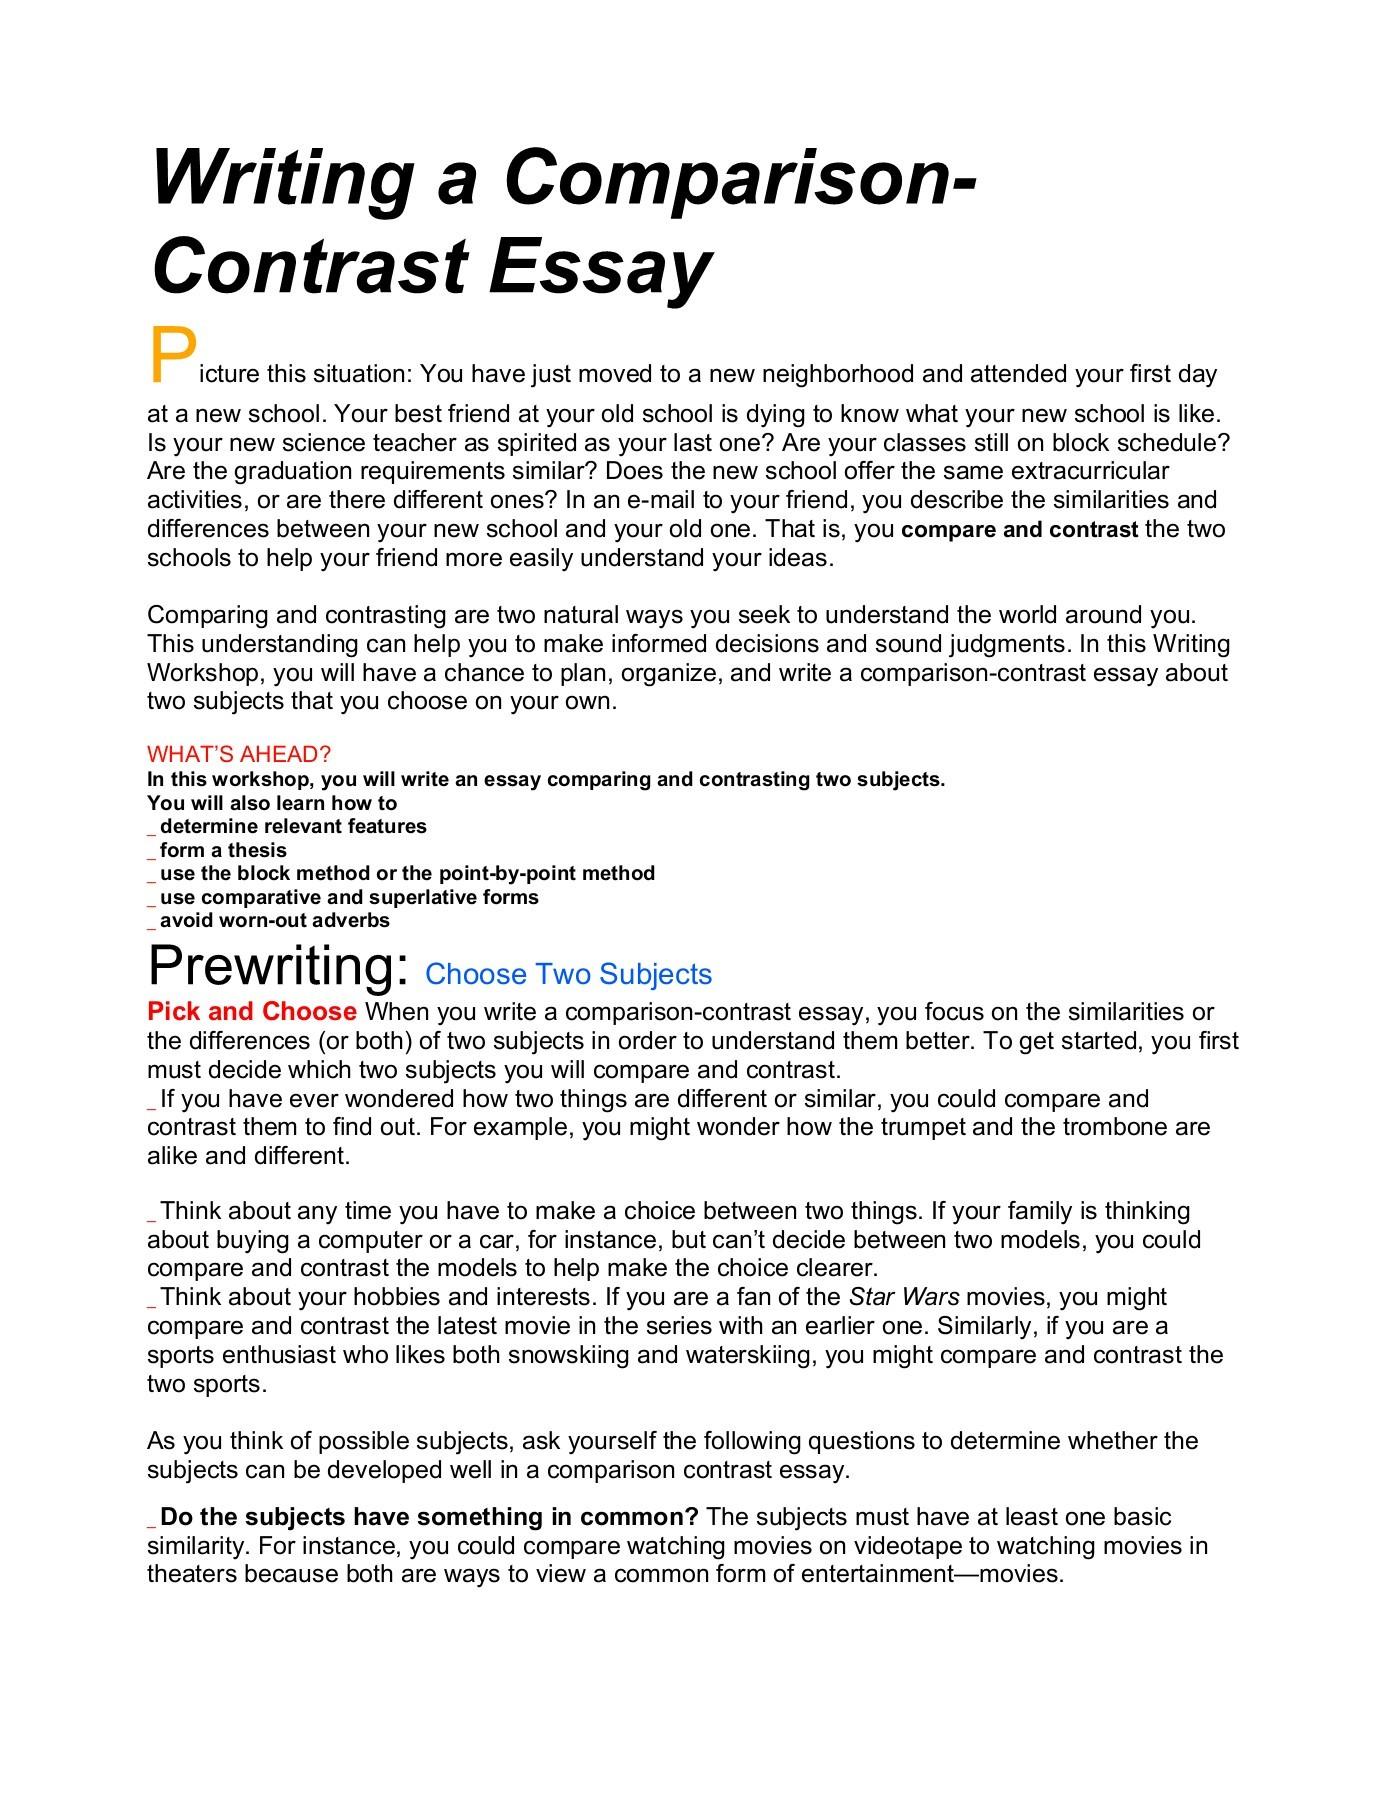 Buy Comparison Contrast Essays